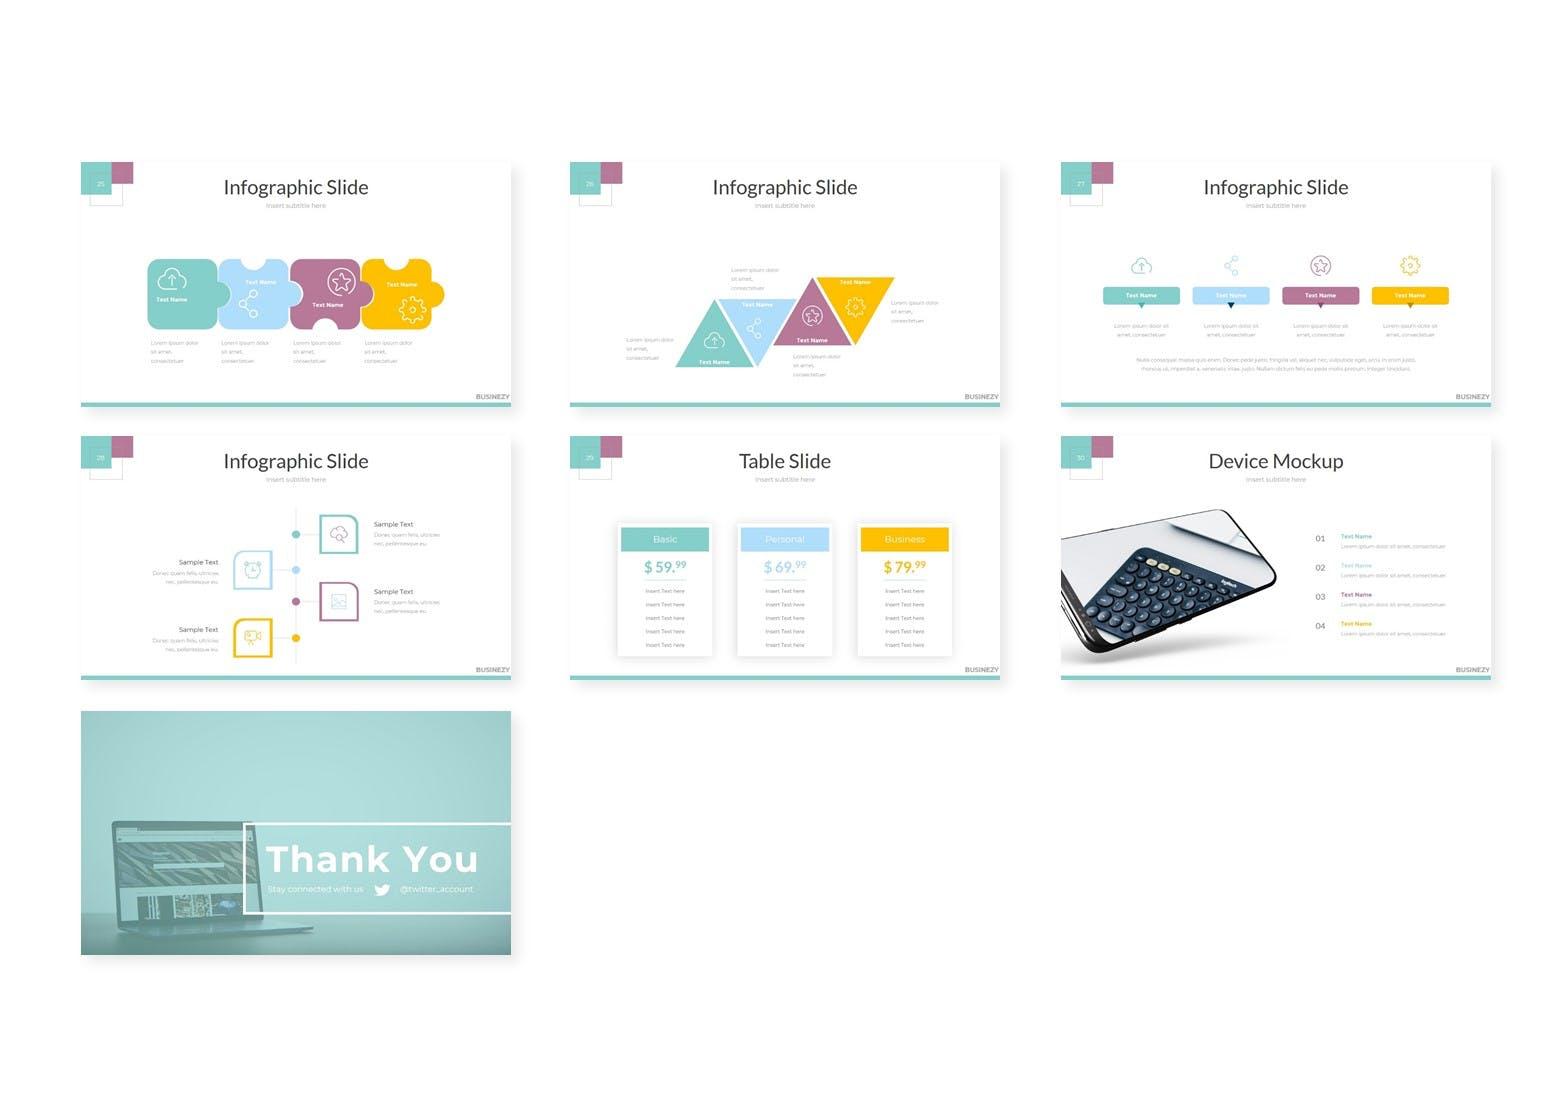 企业市场策划数据PPT幻灯片模板Businezi Keynote Template插图(3)